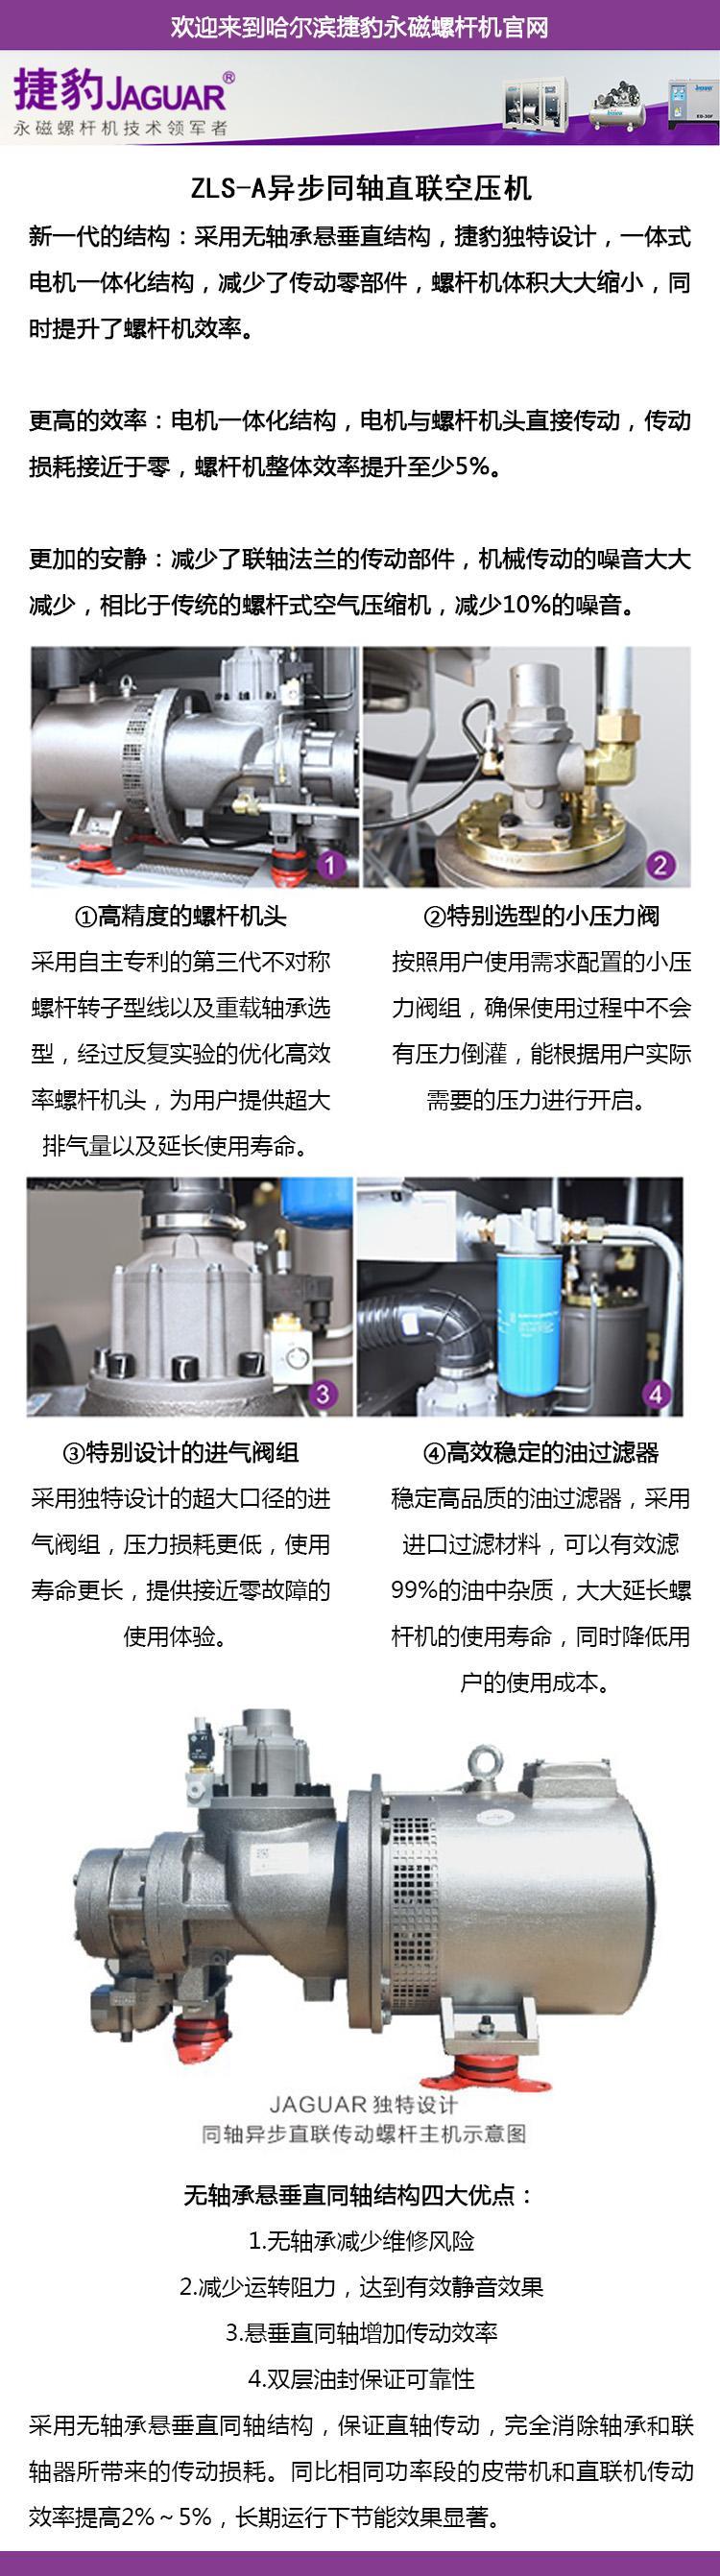 空气压缩机 哈尔滨空压机  异步同轴直联空压机 捷豹高效节能空压机